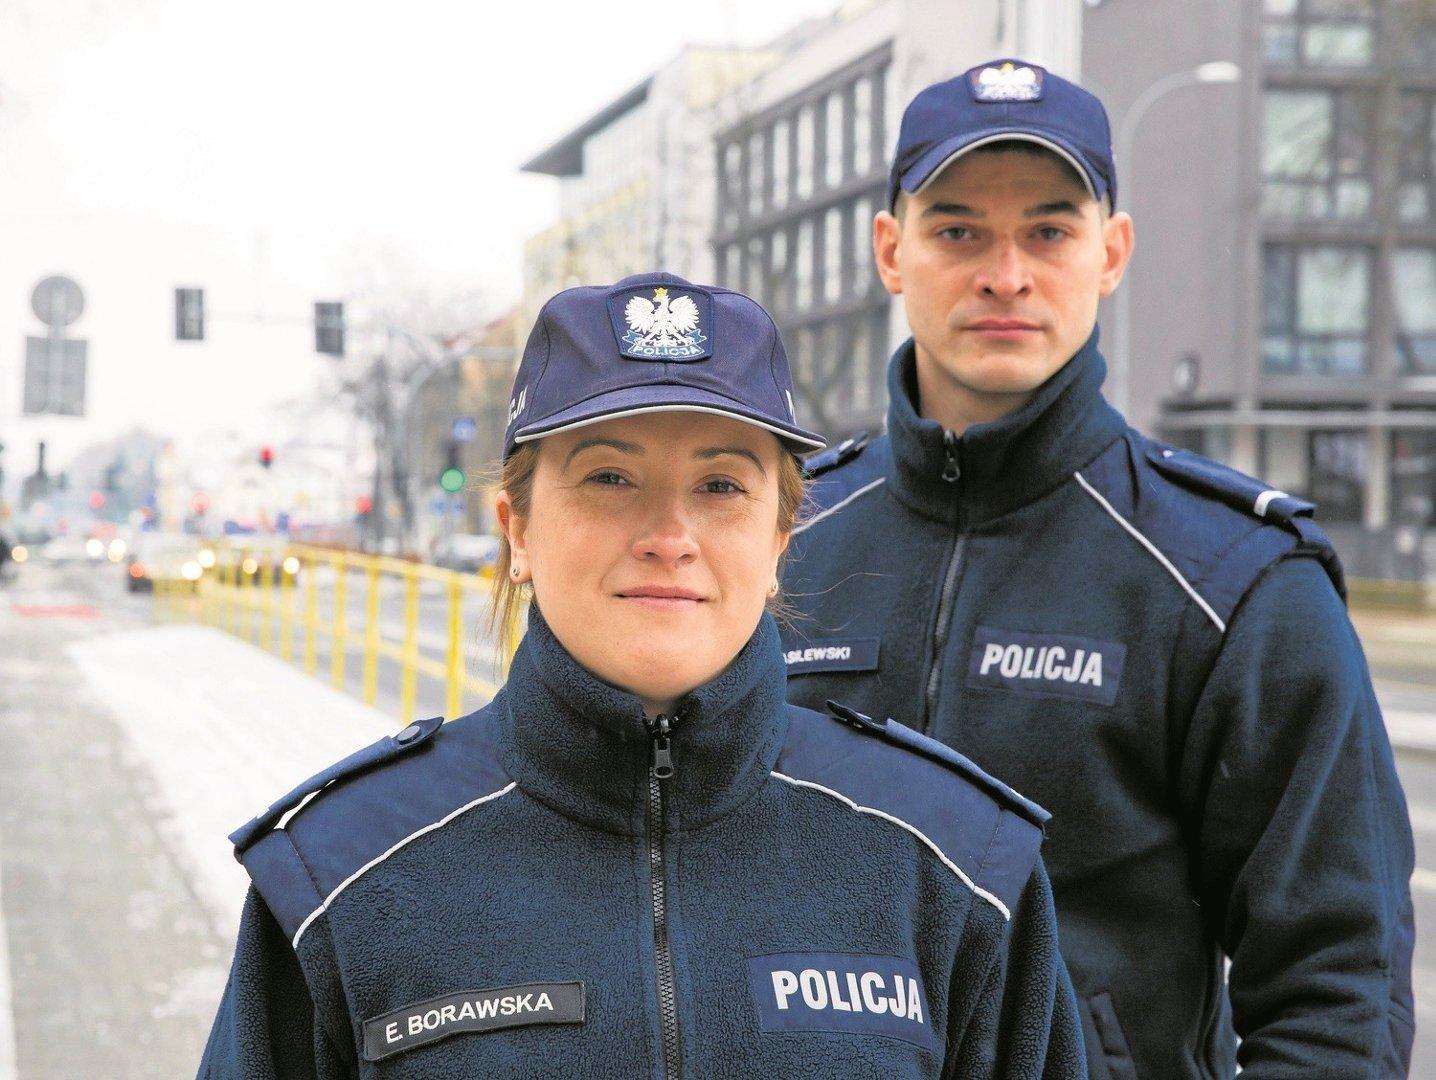 96cf1f2864aaa1 Praca w policji. Białystok i województwo podlaskie czeka na 157 ...